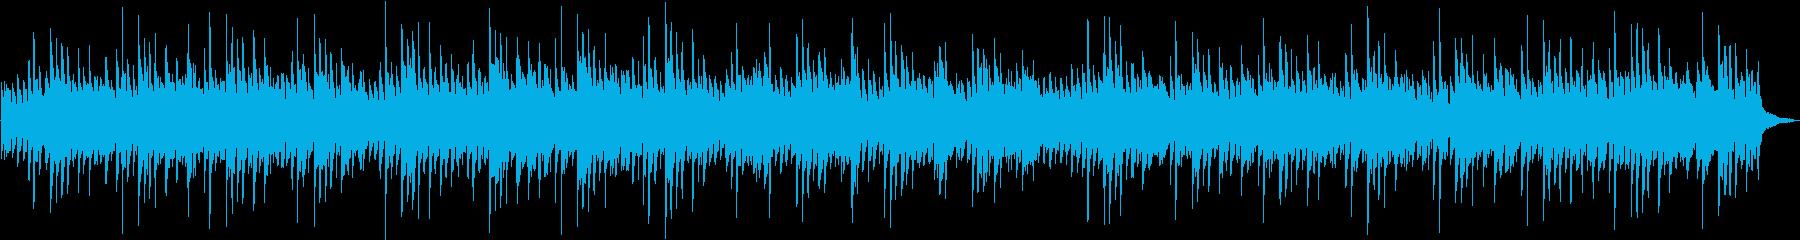 睡眠、YOGA、映像、癒しピアノの再生済みの波形